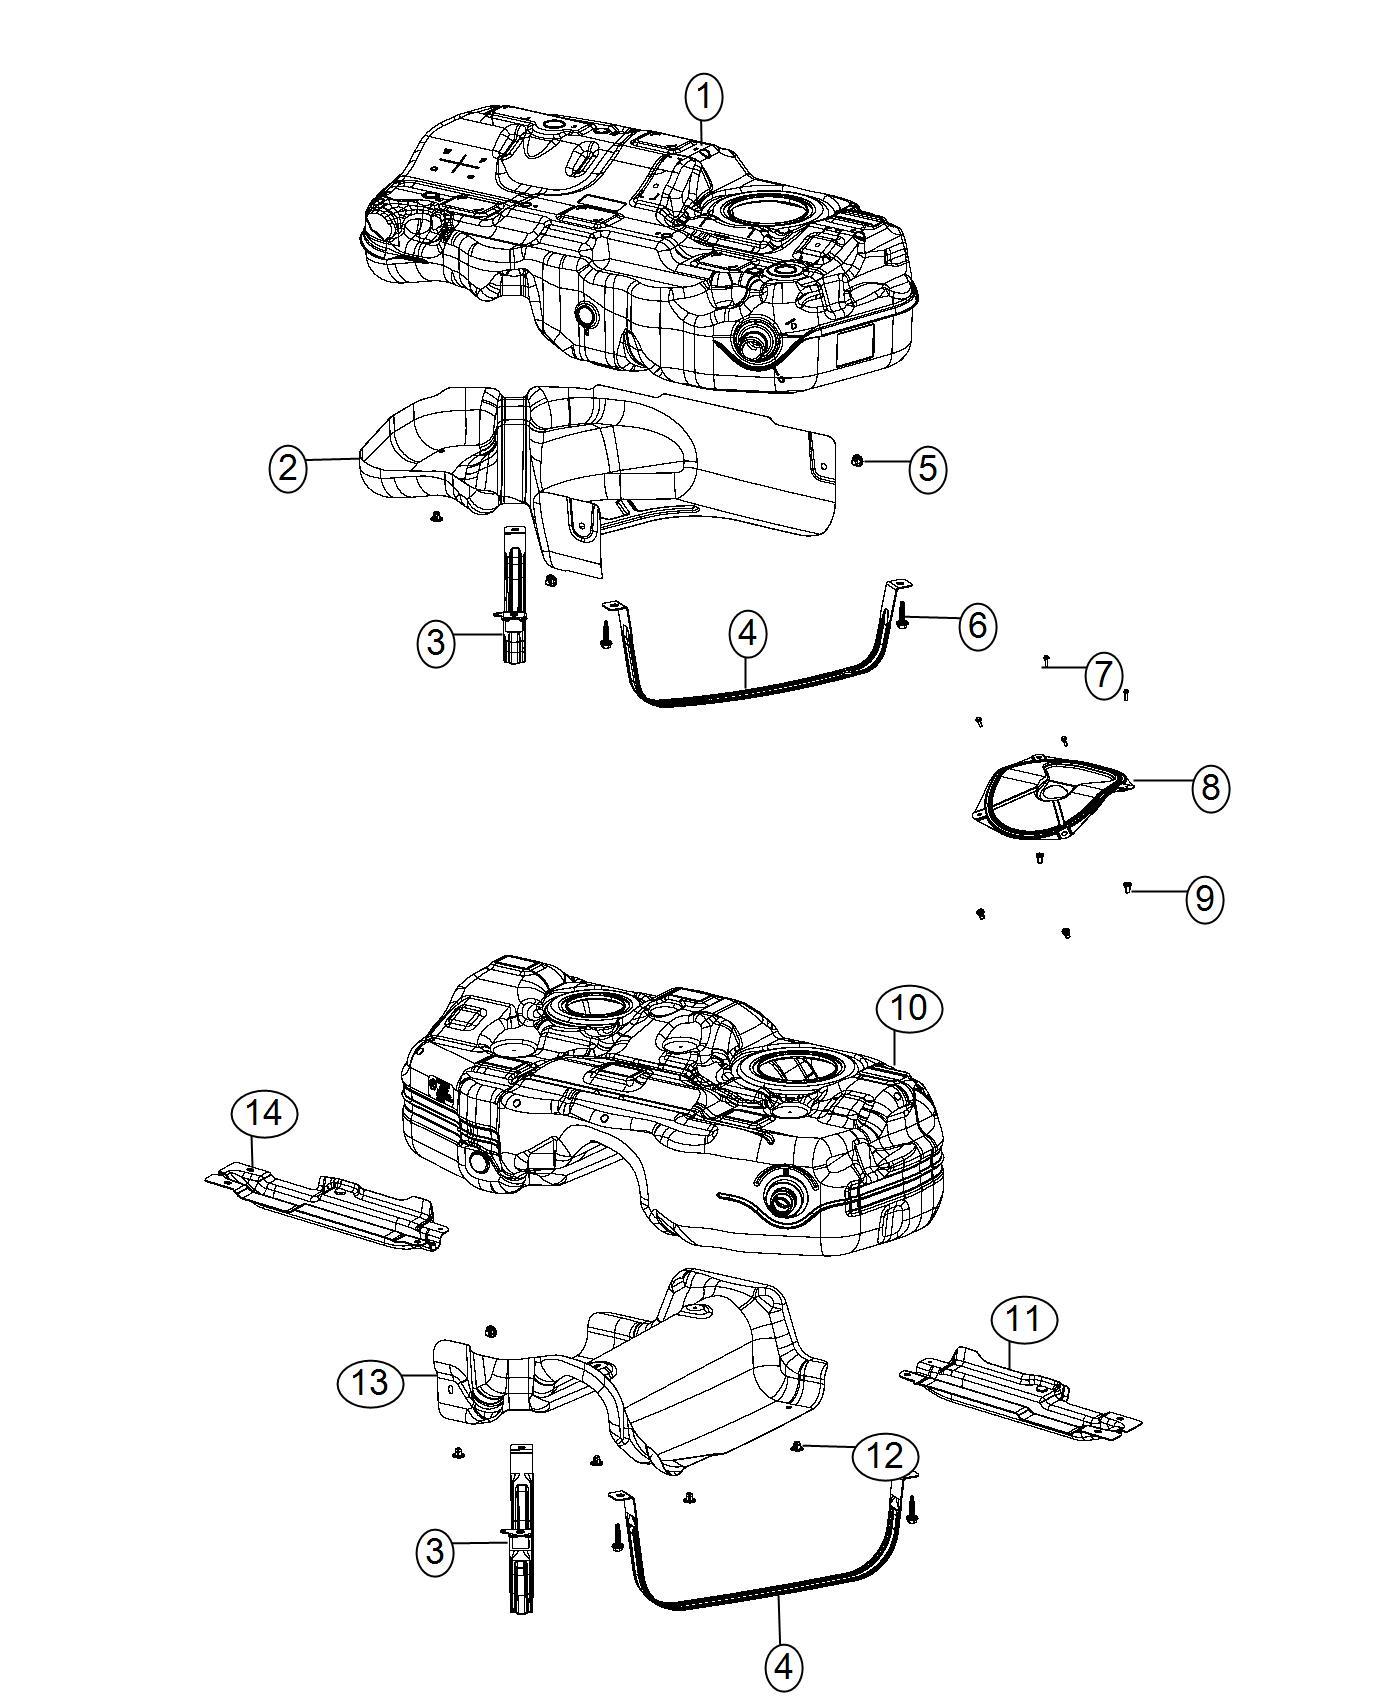 Chrysler 200 Skid Plate Fuel Tank Left 2 0l I4 Turbo